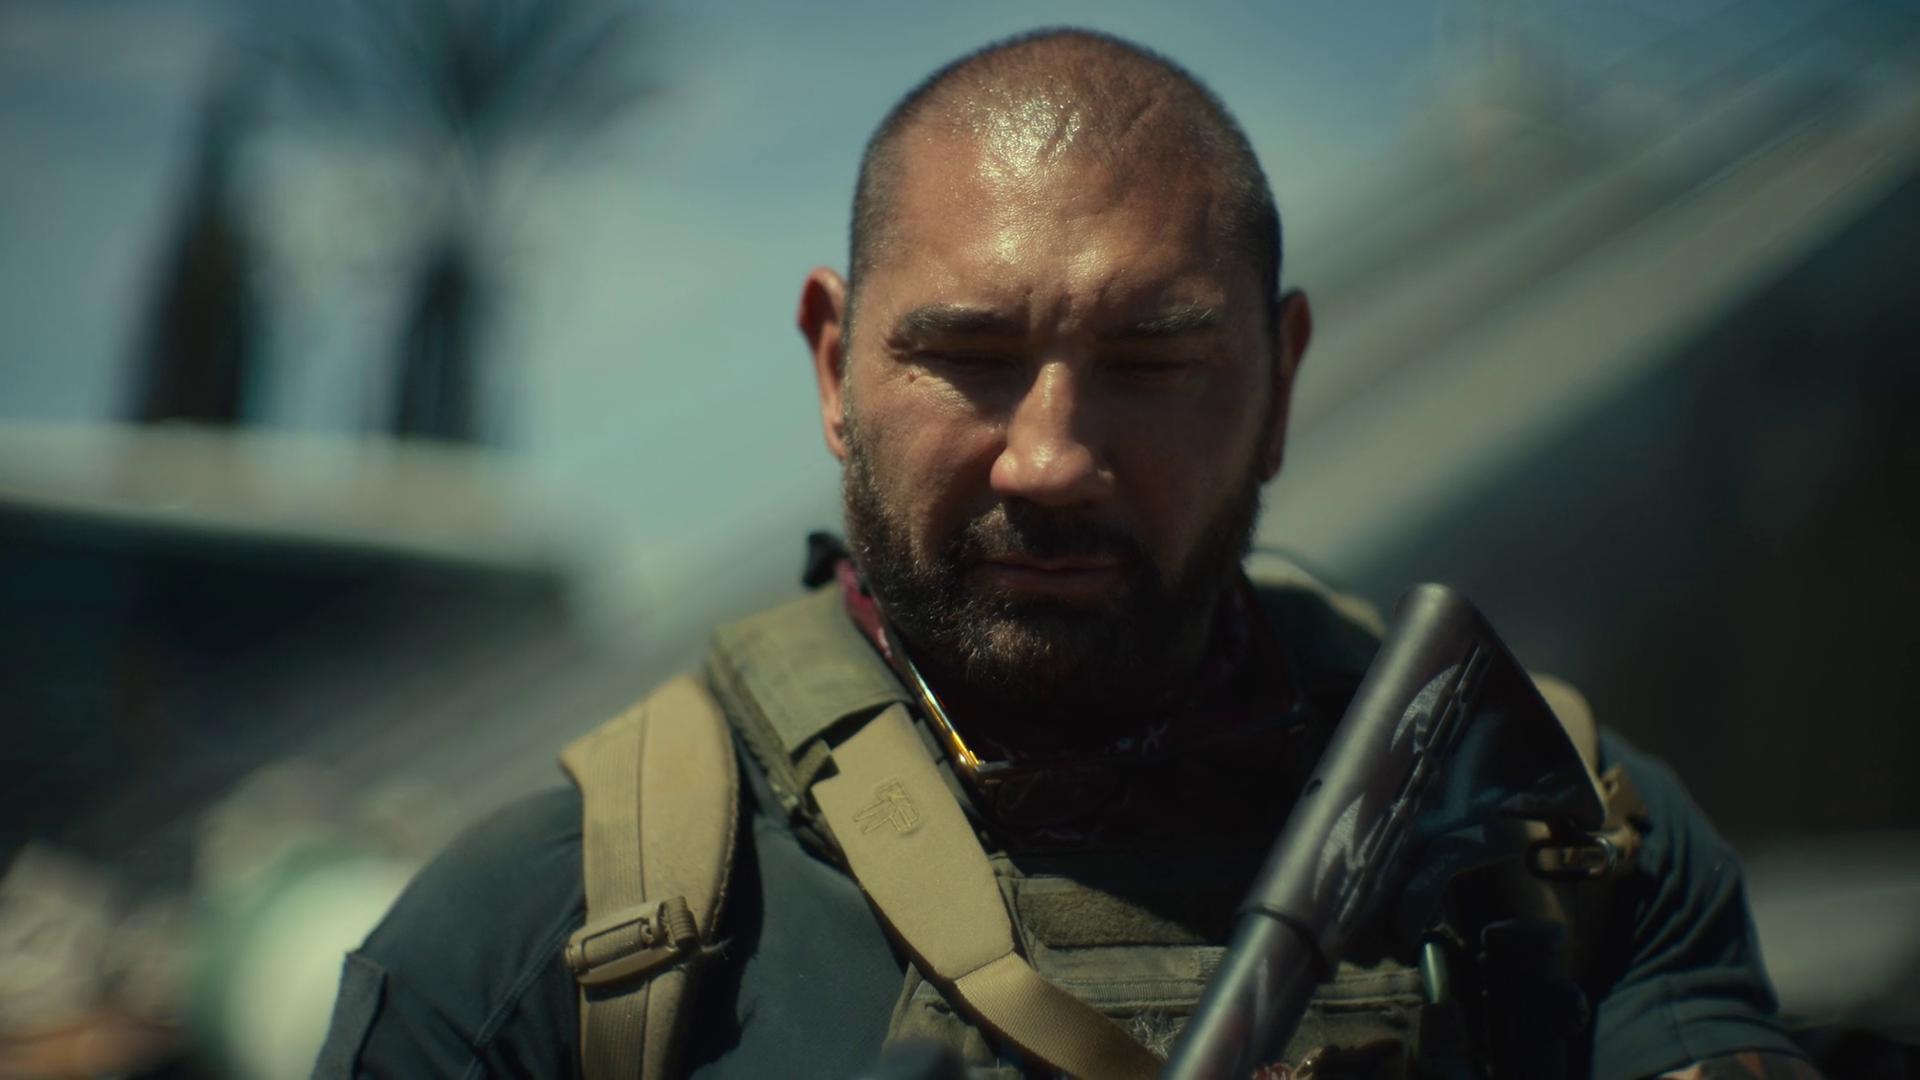 El ejército de los muertos (2021) 1080p WEB-DL Latino